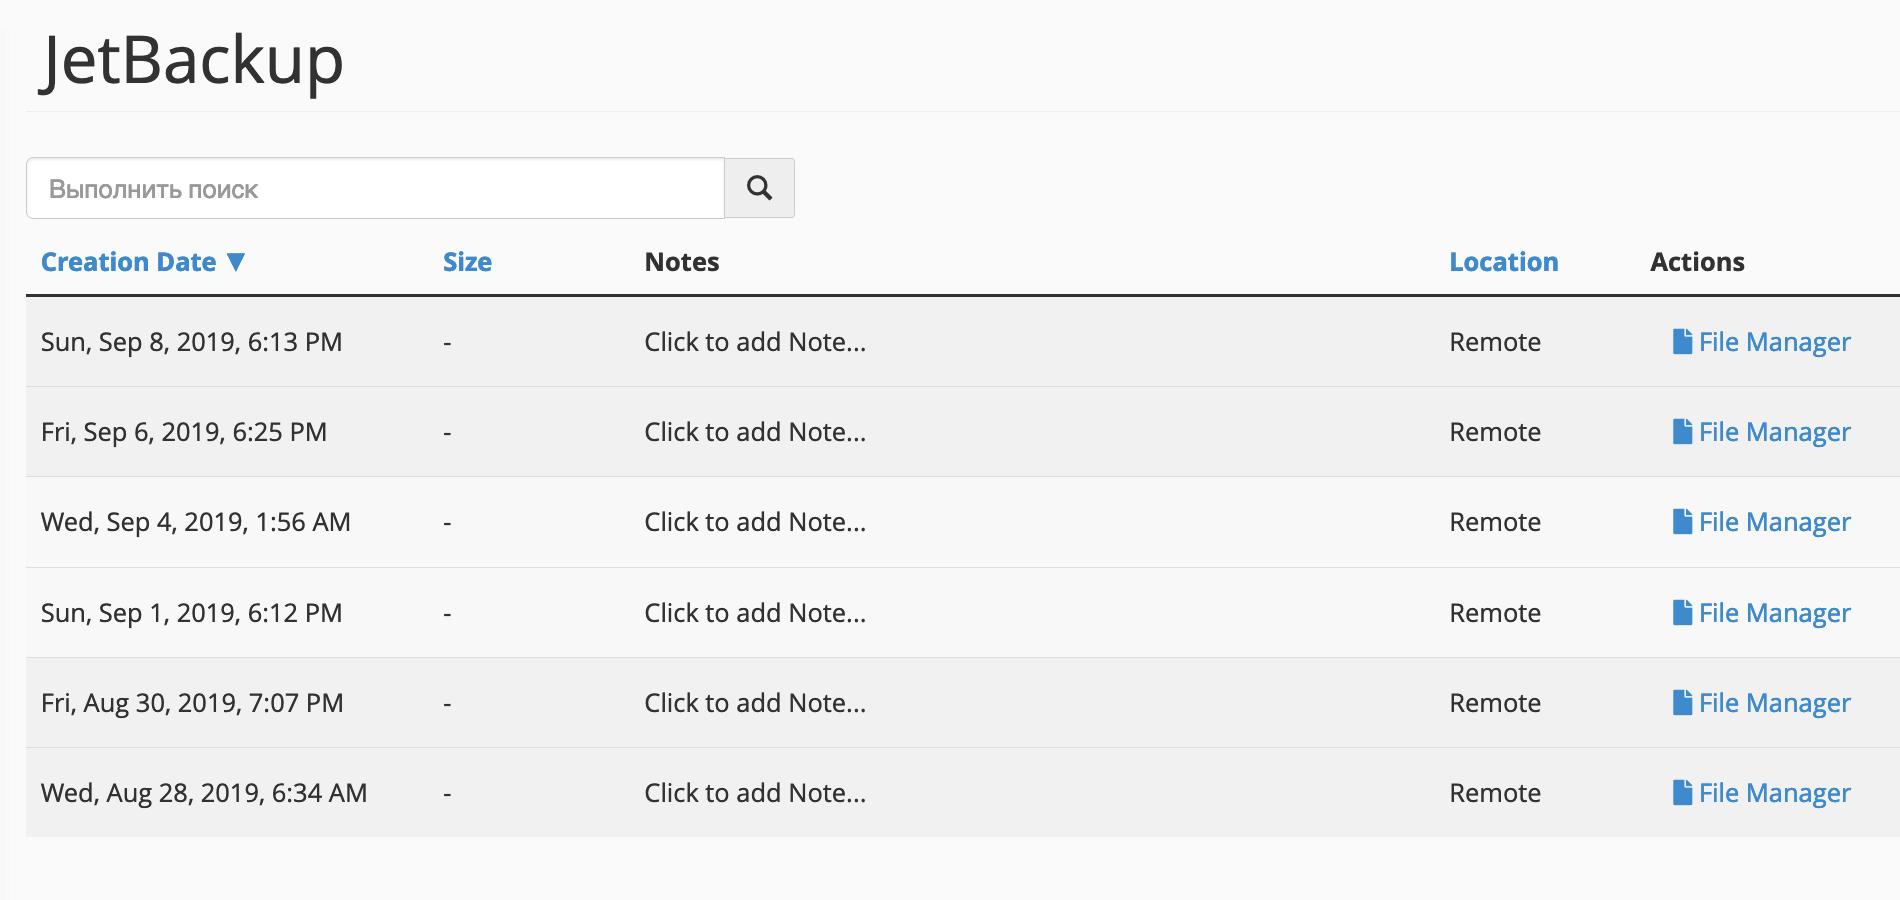 Список доступных бэкапов в разделе File Backups в плагине JetBackup